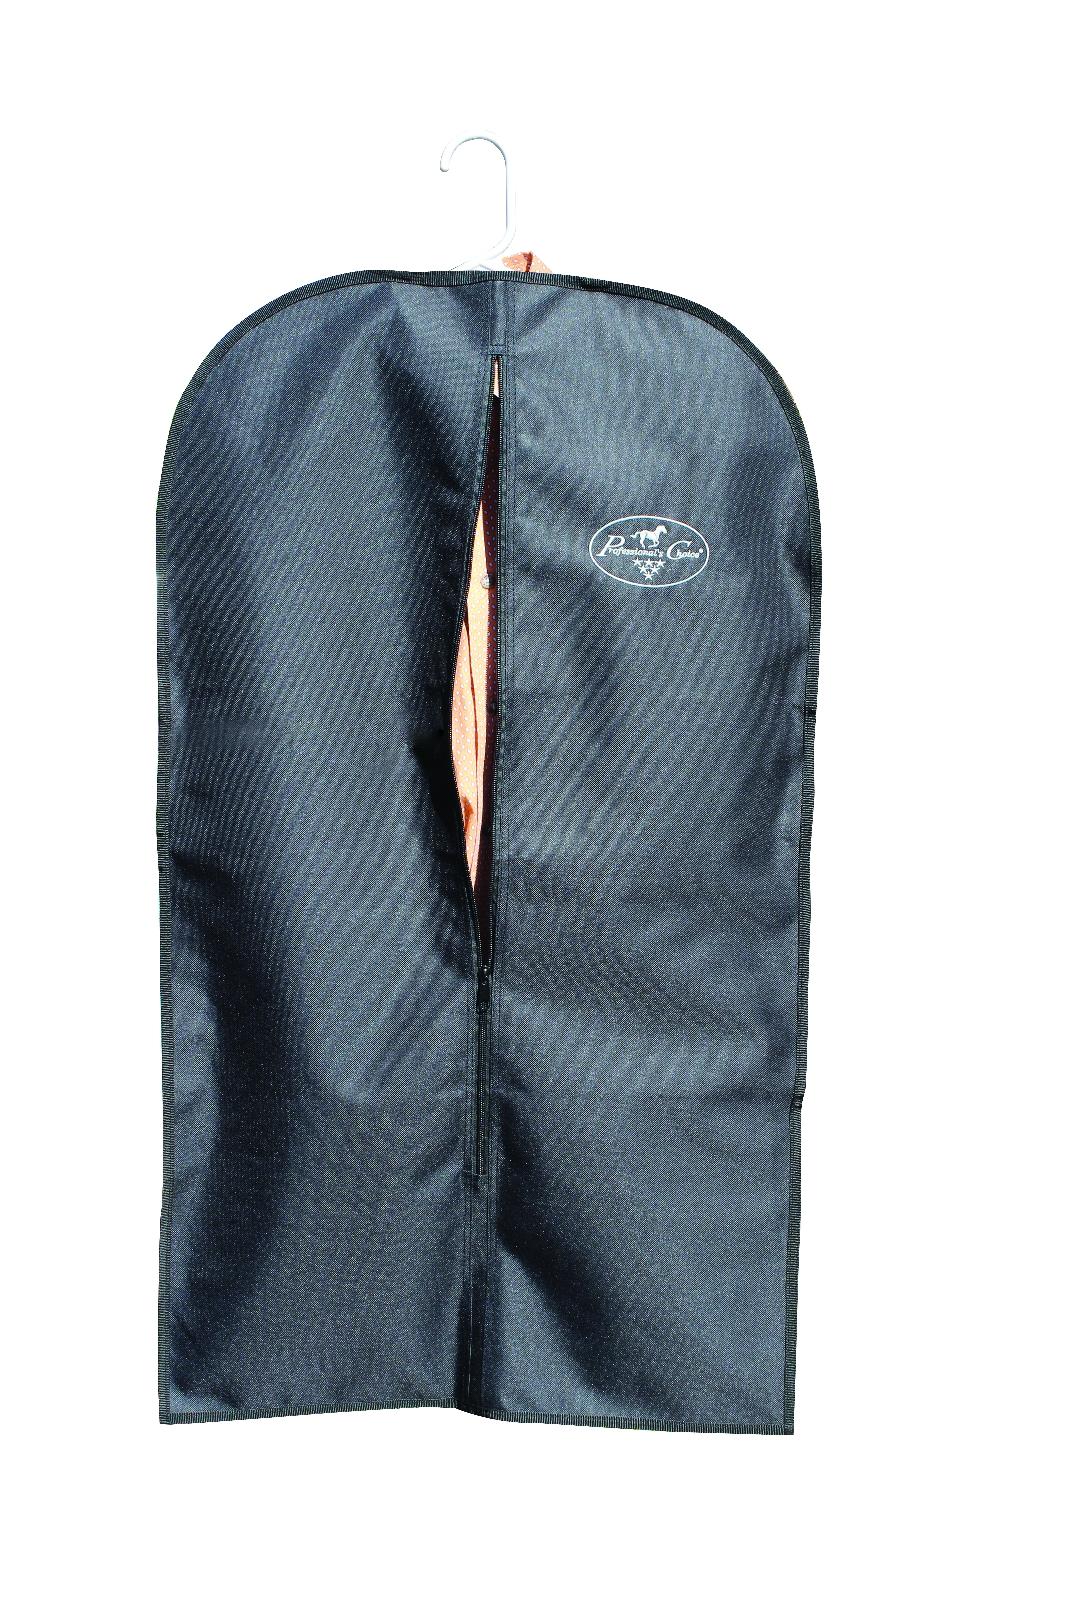 Professionals Choice Coat Bag